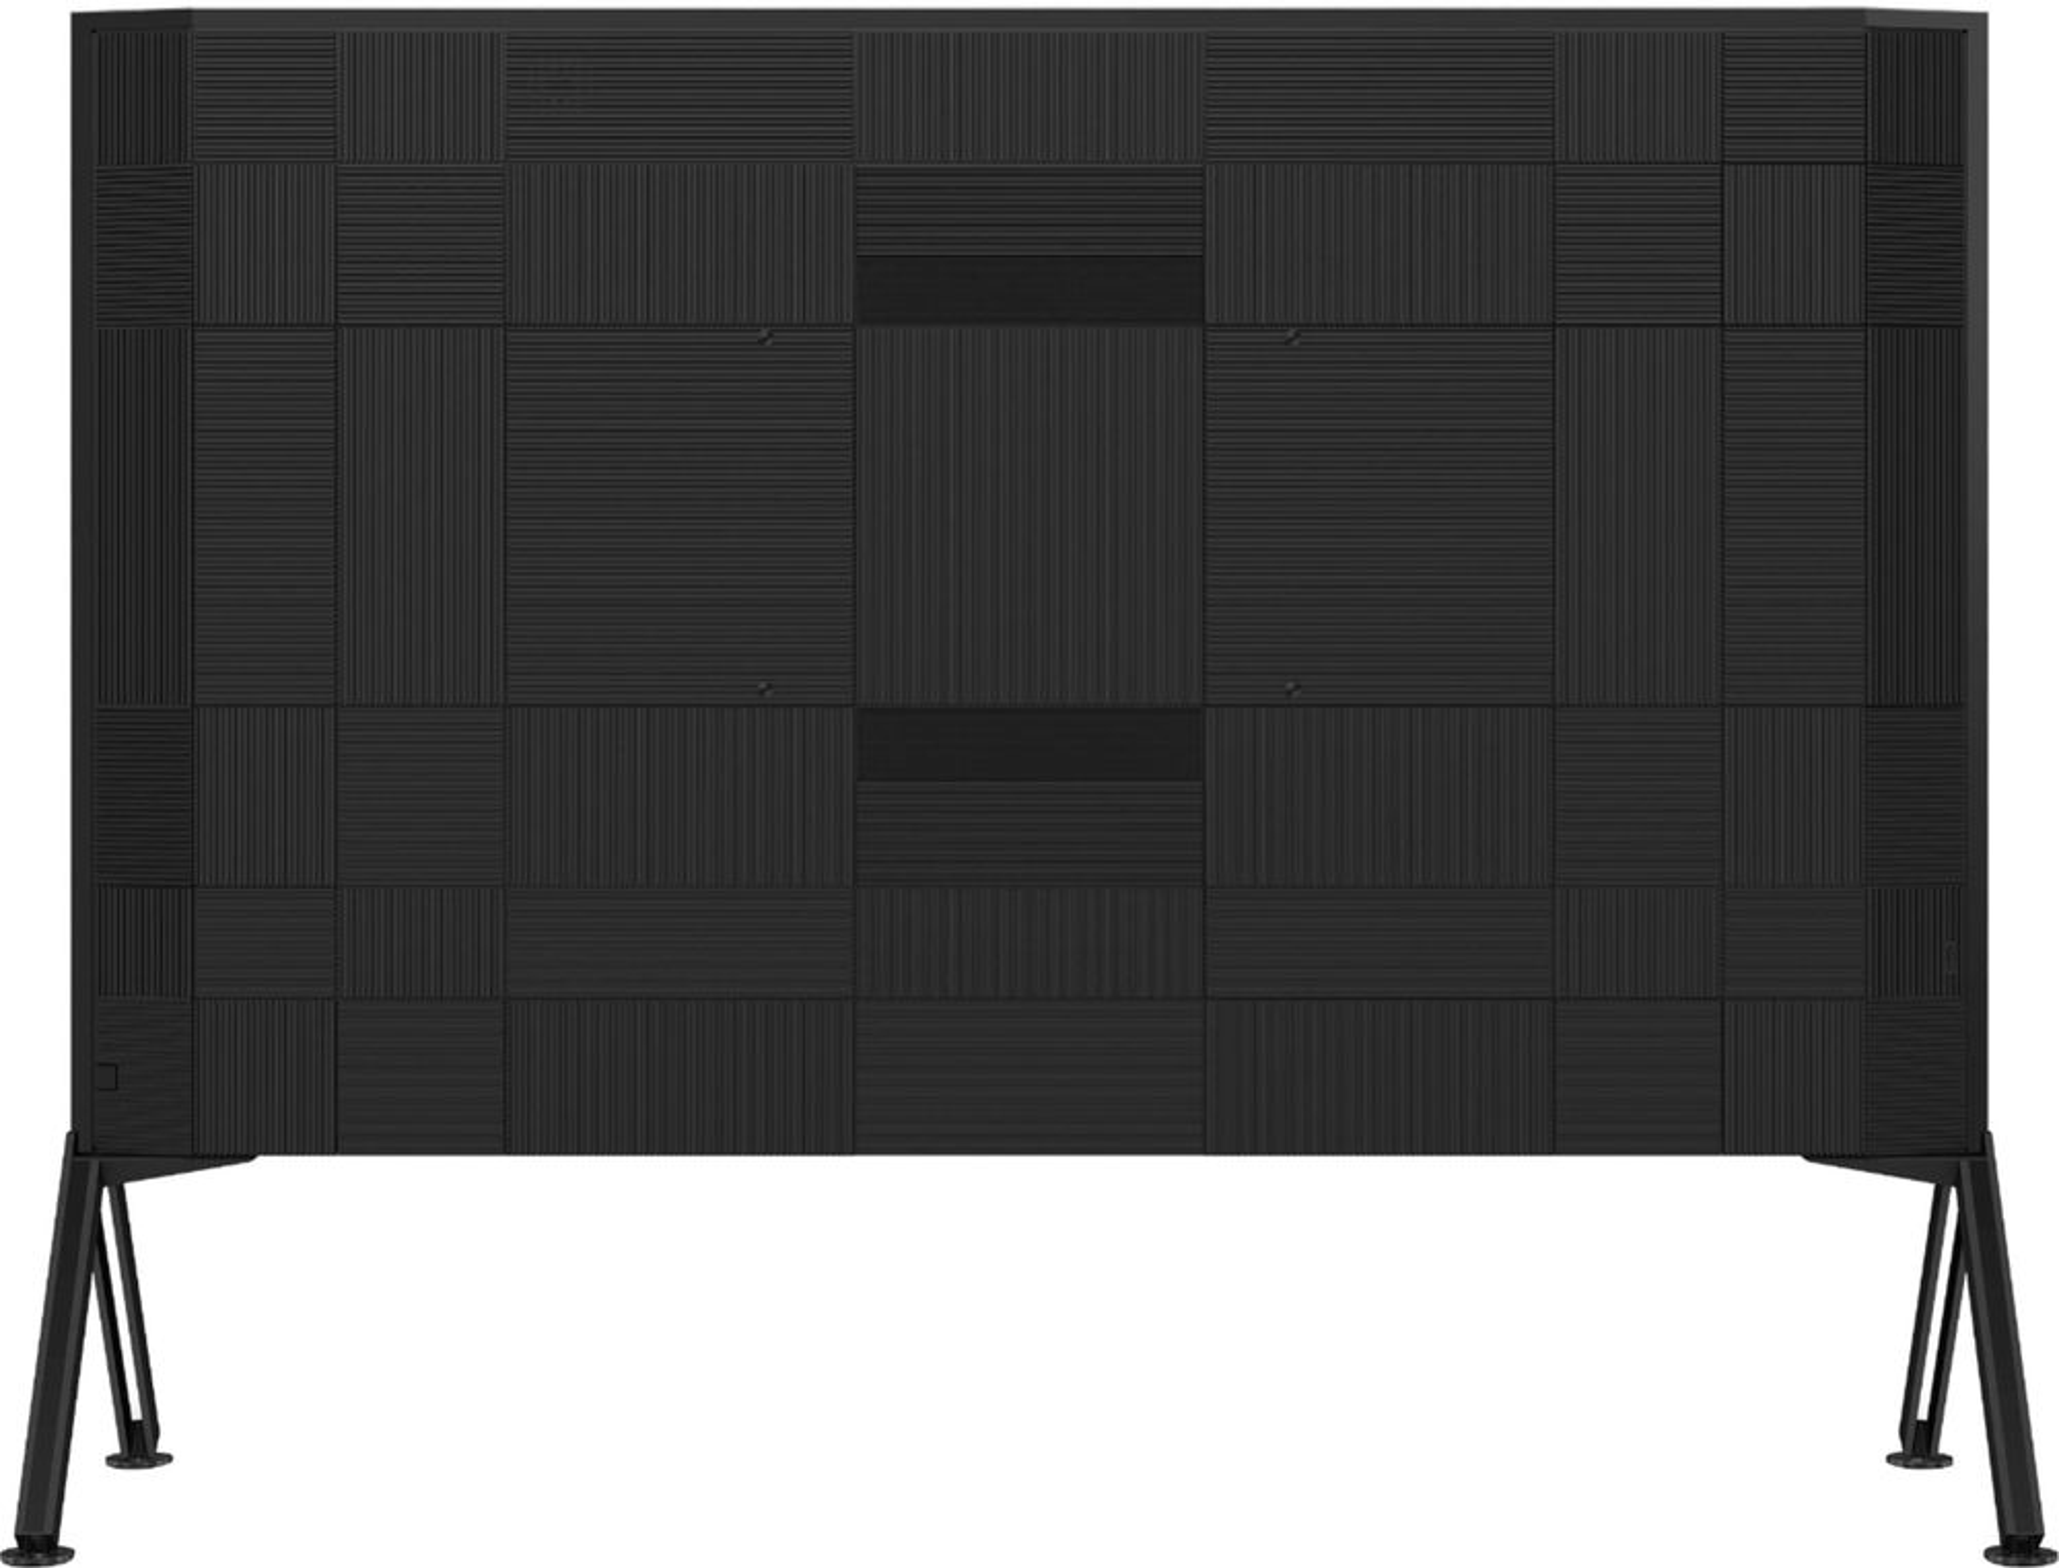 Sony XBR98Z9G backViewImage